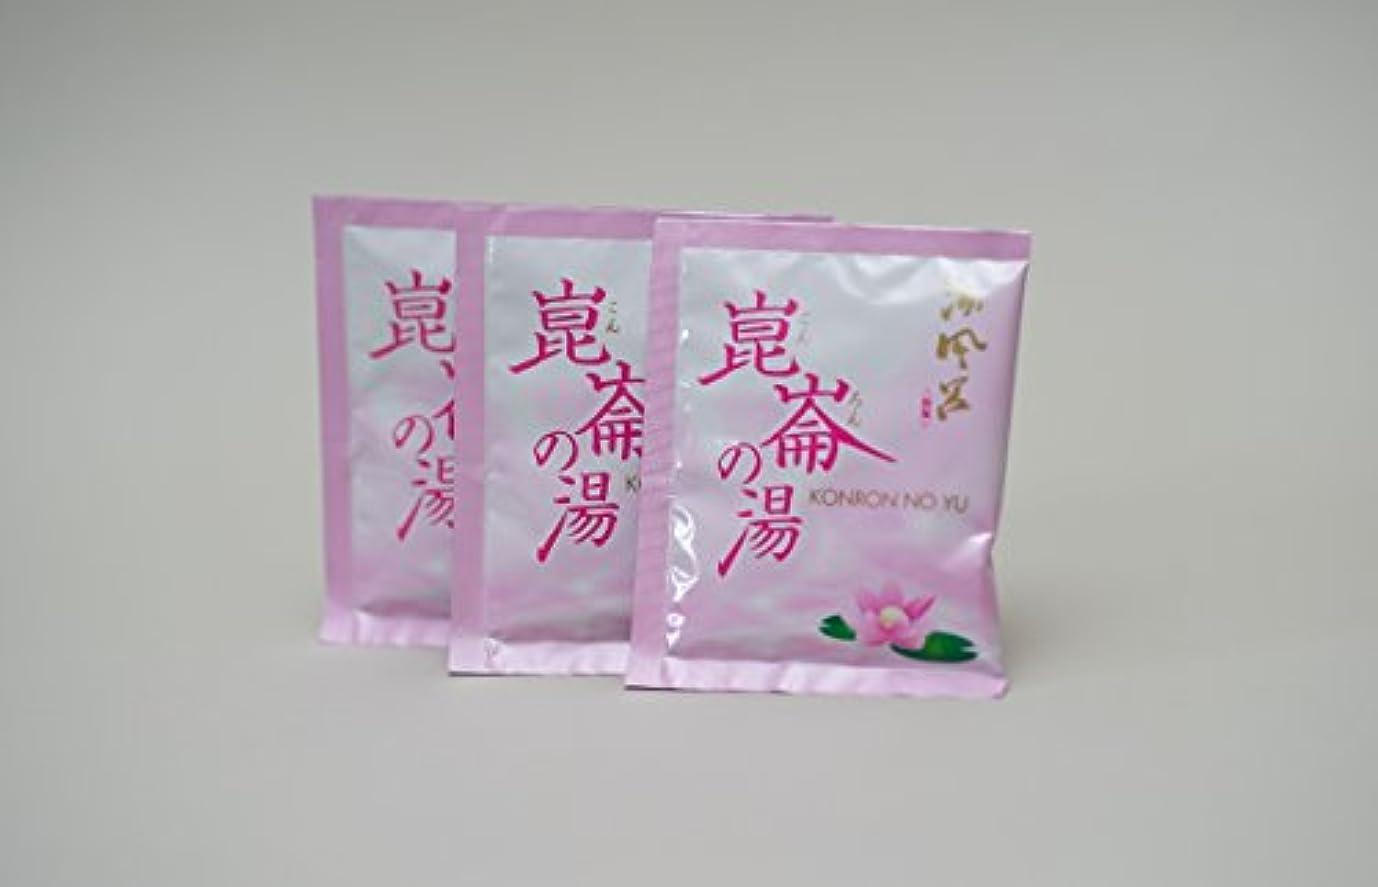 貪欲返済ドロー酒風呂入浴剤「崑崙の湯」( 日本酒風呂 ) 粉末タイプ (トライアルセット)(2袋で清酒5合の量に相当)